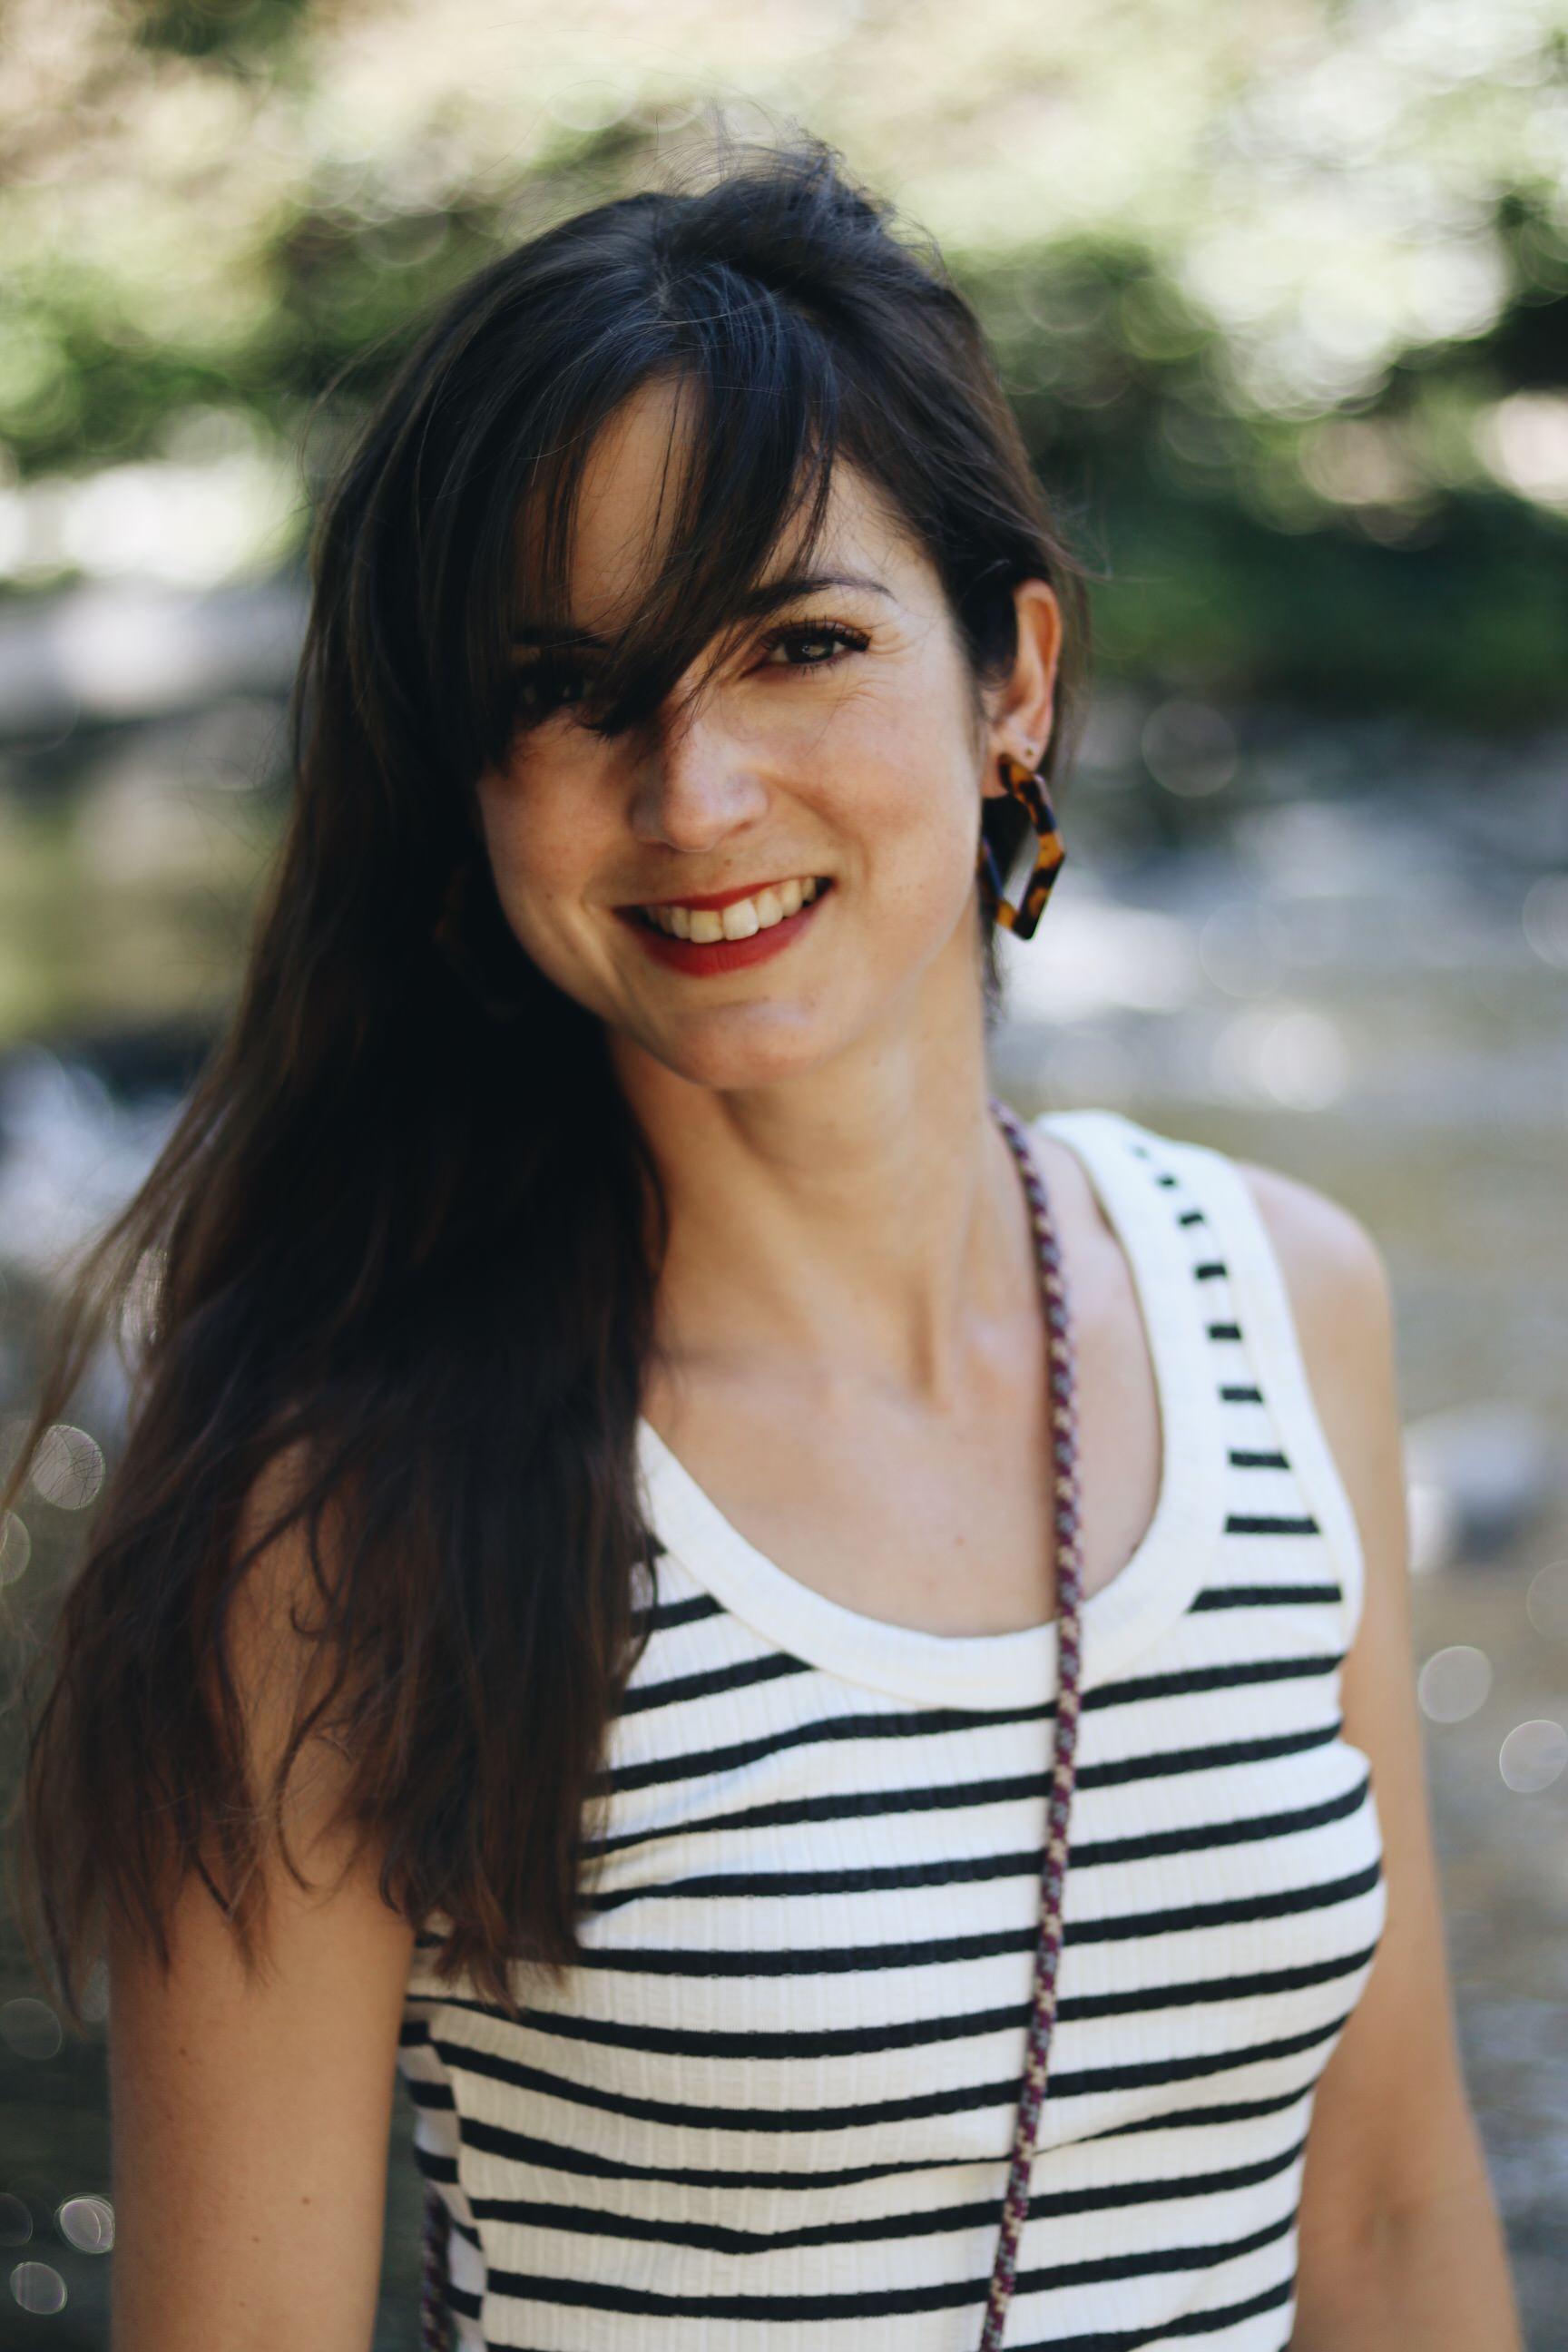 Neele Modebloggerin Freiburg deutsch Youtuberin Modetrends Sommer